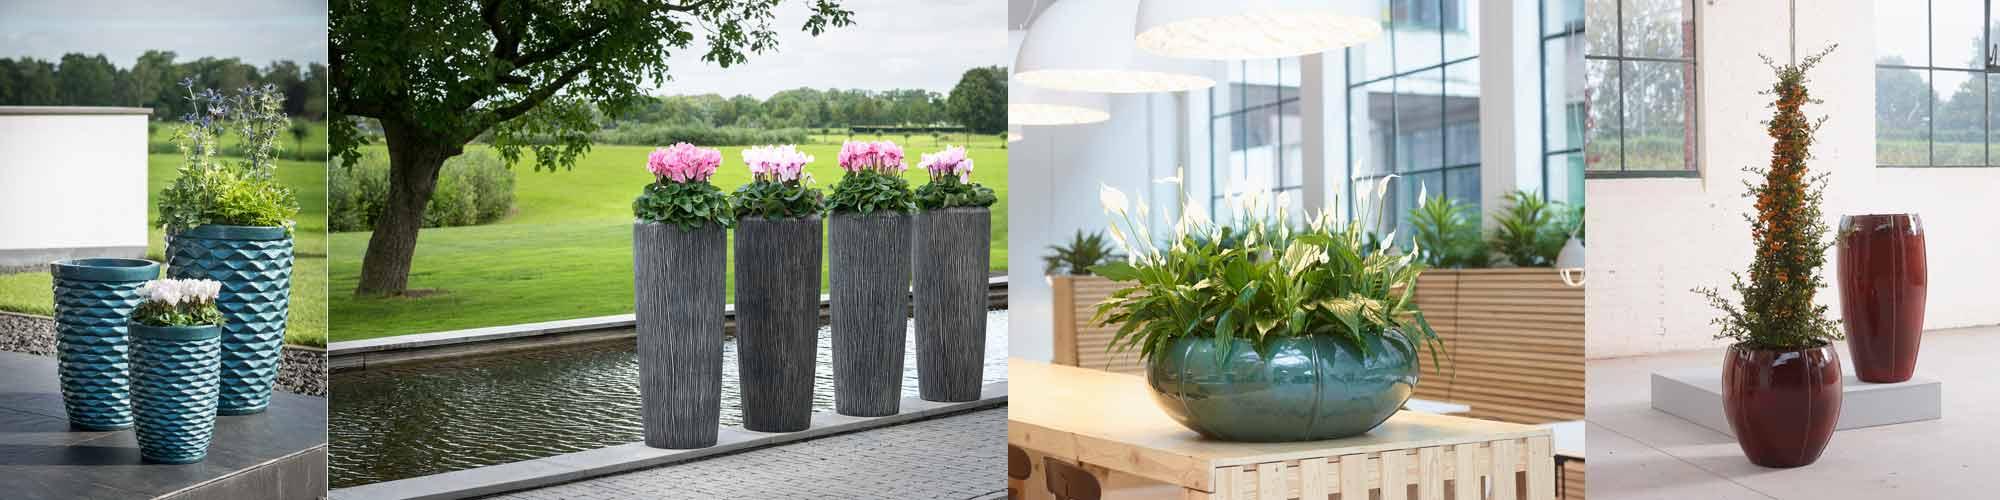 SGDeco - Tuindecoratie voor tuin, terras en balkon! banner 2